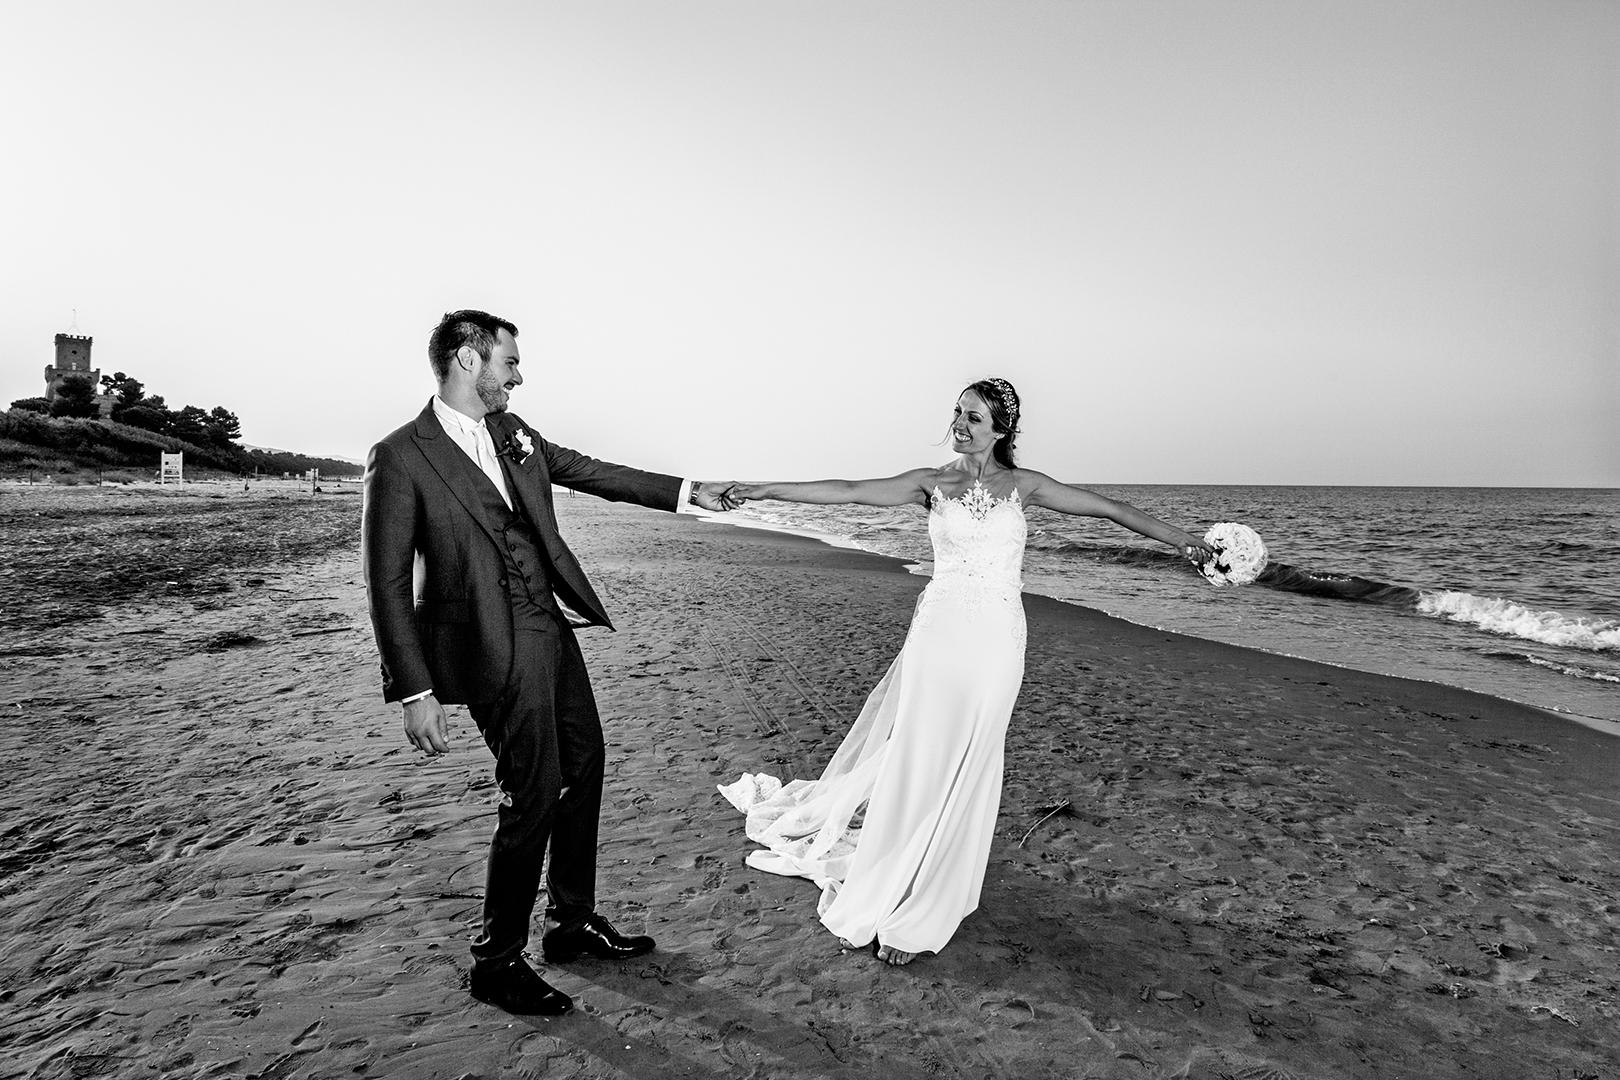 46 gianni-lepore-fotografo-matrimonio-sposi-bride-groom-bianco-nero-spiaggia-mare-silvi